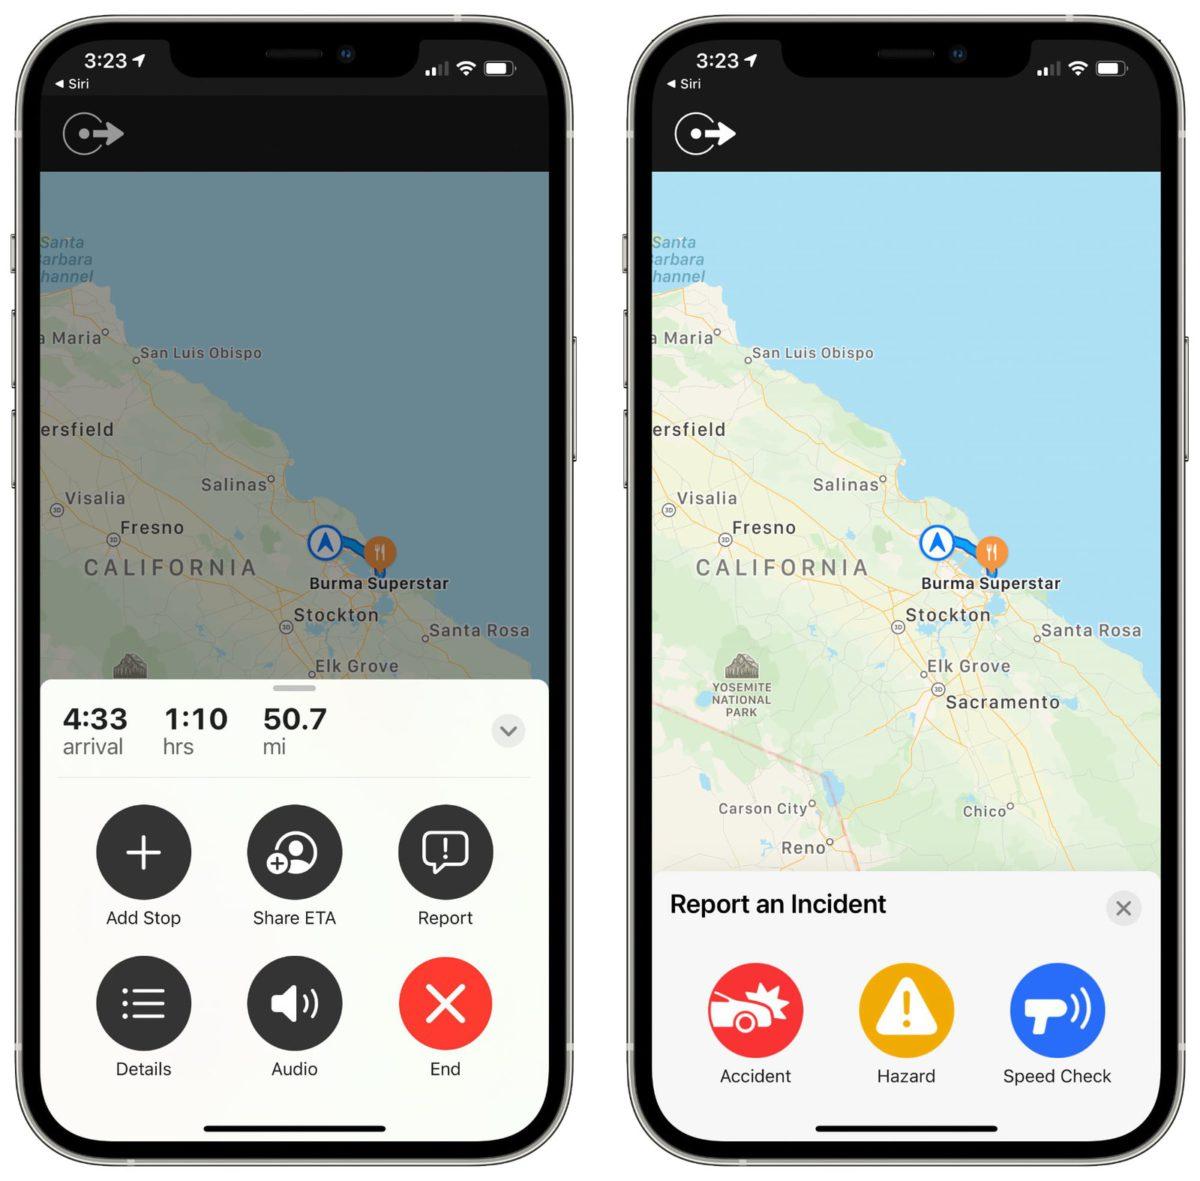 用戶在使用 iOS 14.5 的地圖來導航時如果預上交通意外或災難,可以直接在地圖程式裡向其他用戶發出警告。